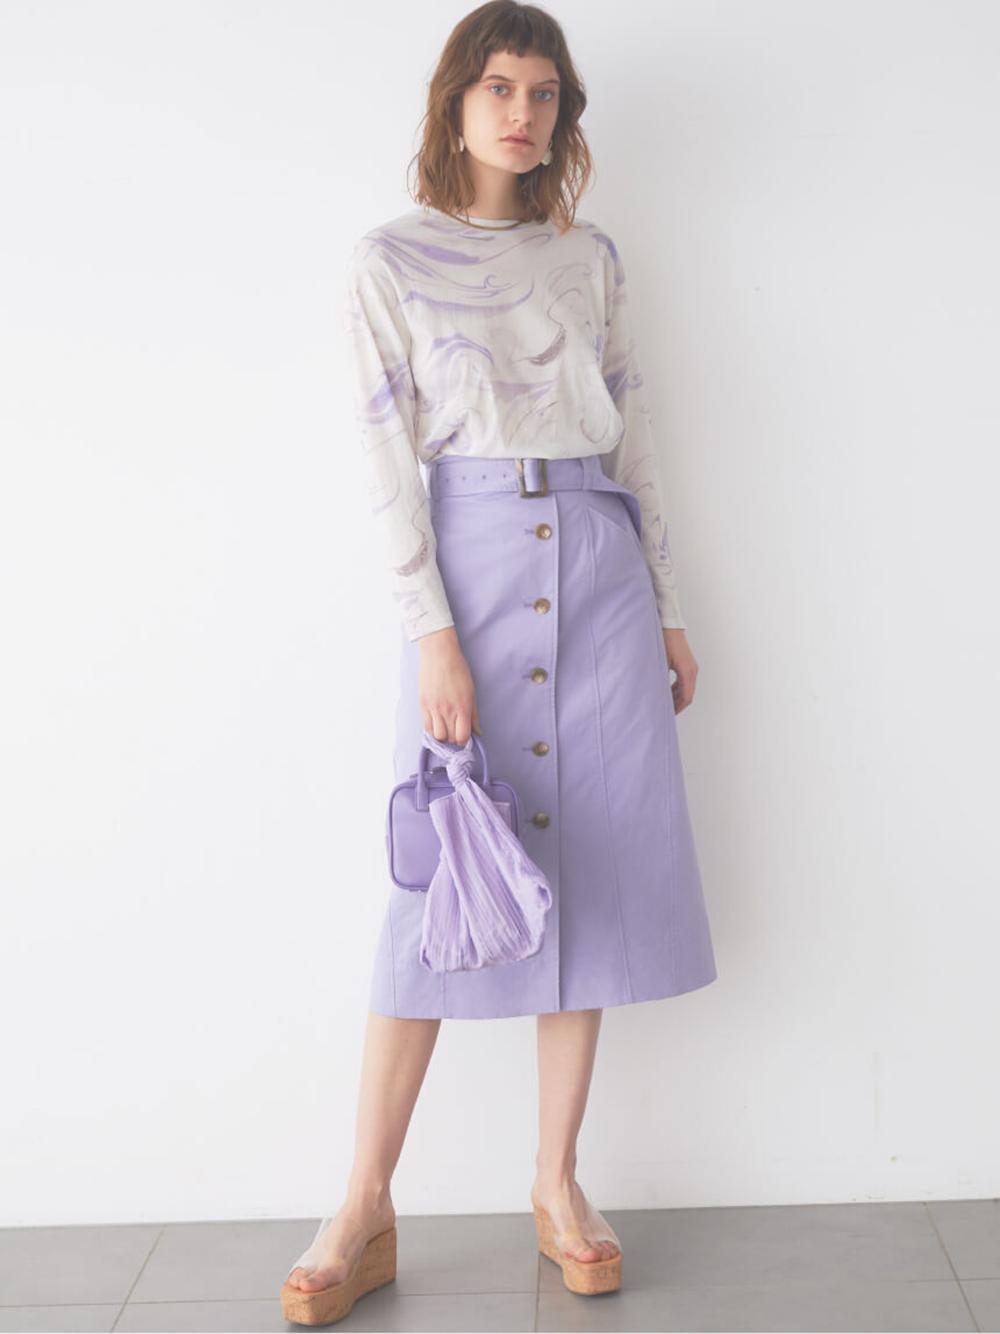 Iライントレンチスカート(SAX-0)